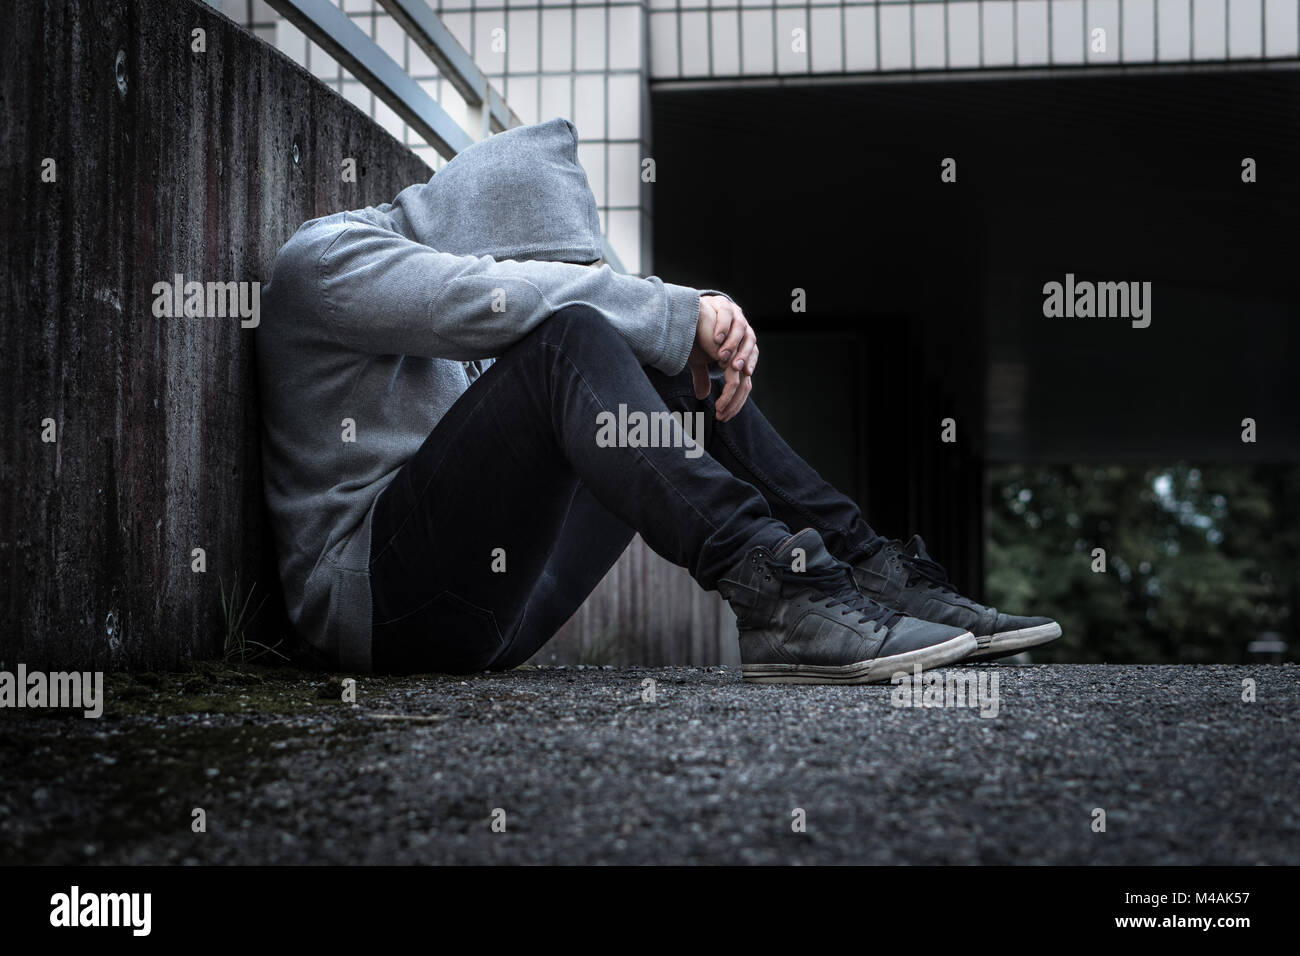 Depresión, aislamiento social, la soledad, la salud mental y el concepto de discriminación. Triste, solitario, Imagen De Stock